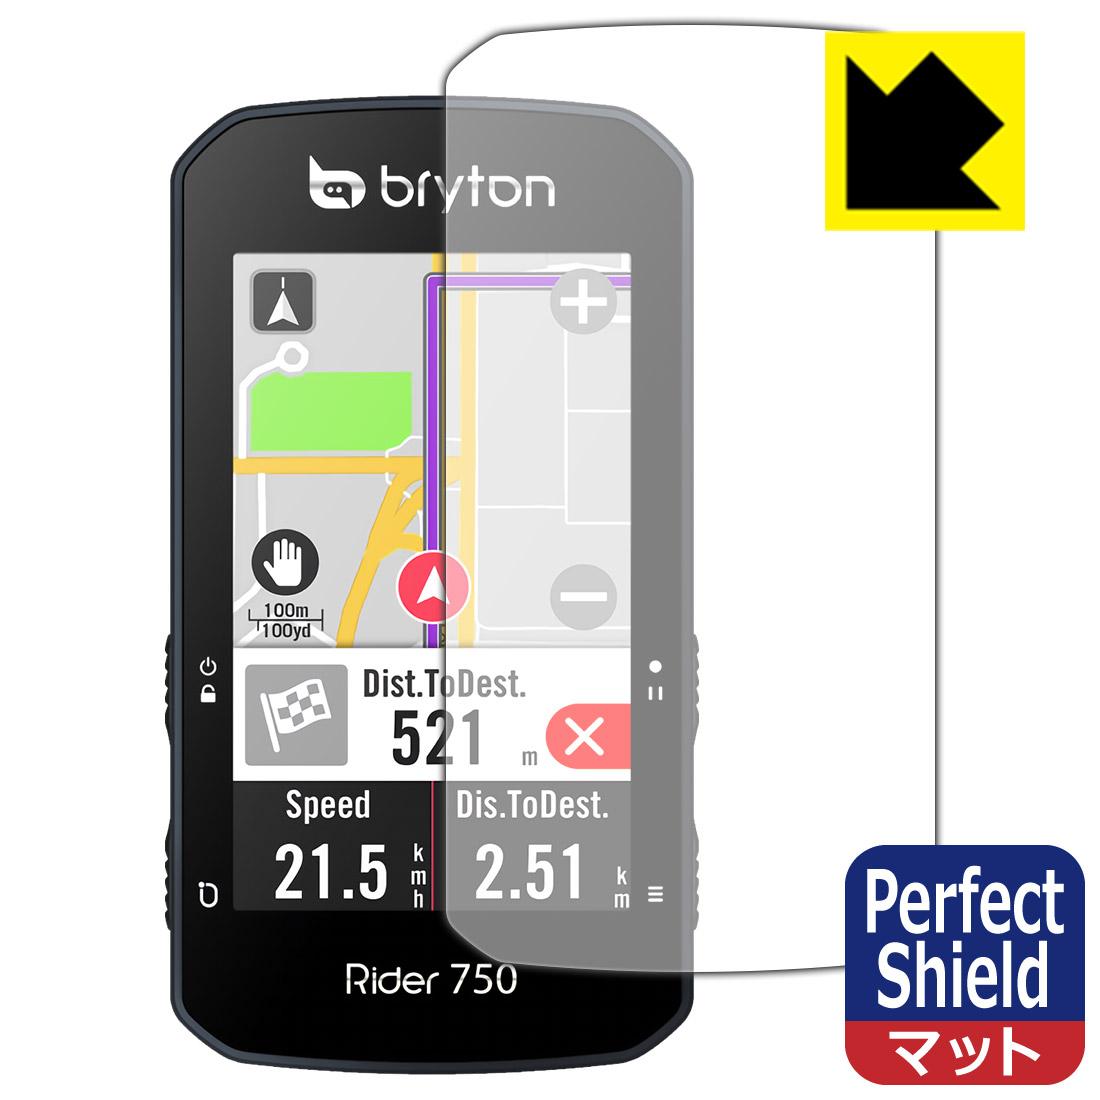 アンチグレアタイプ 非光沢 bryton Rider 年中無休 送料無料 750 Shield 保護シート Perfect smtb-kd 専用保護フィルム